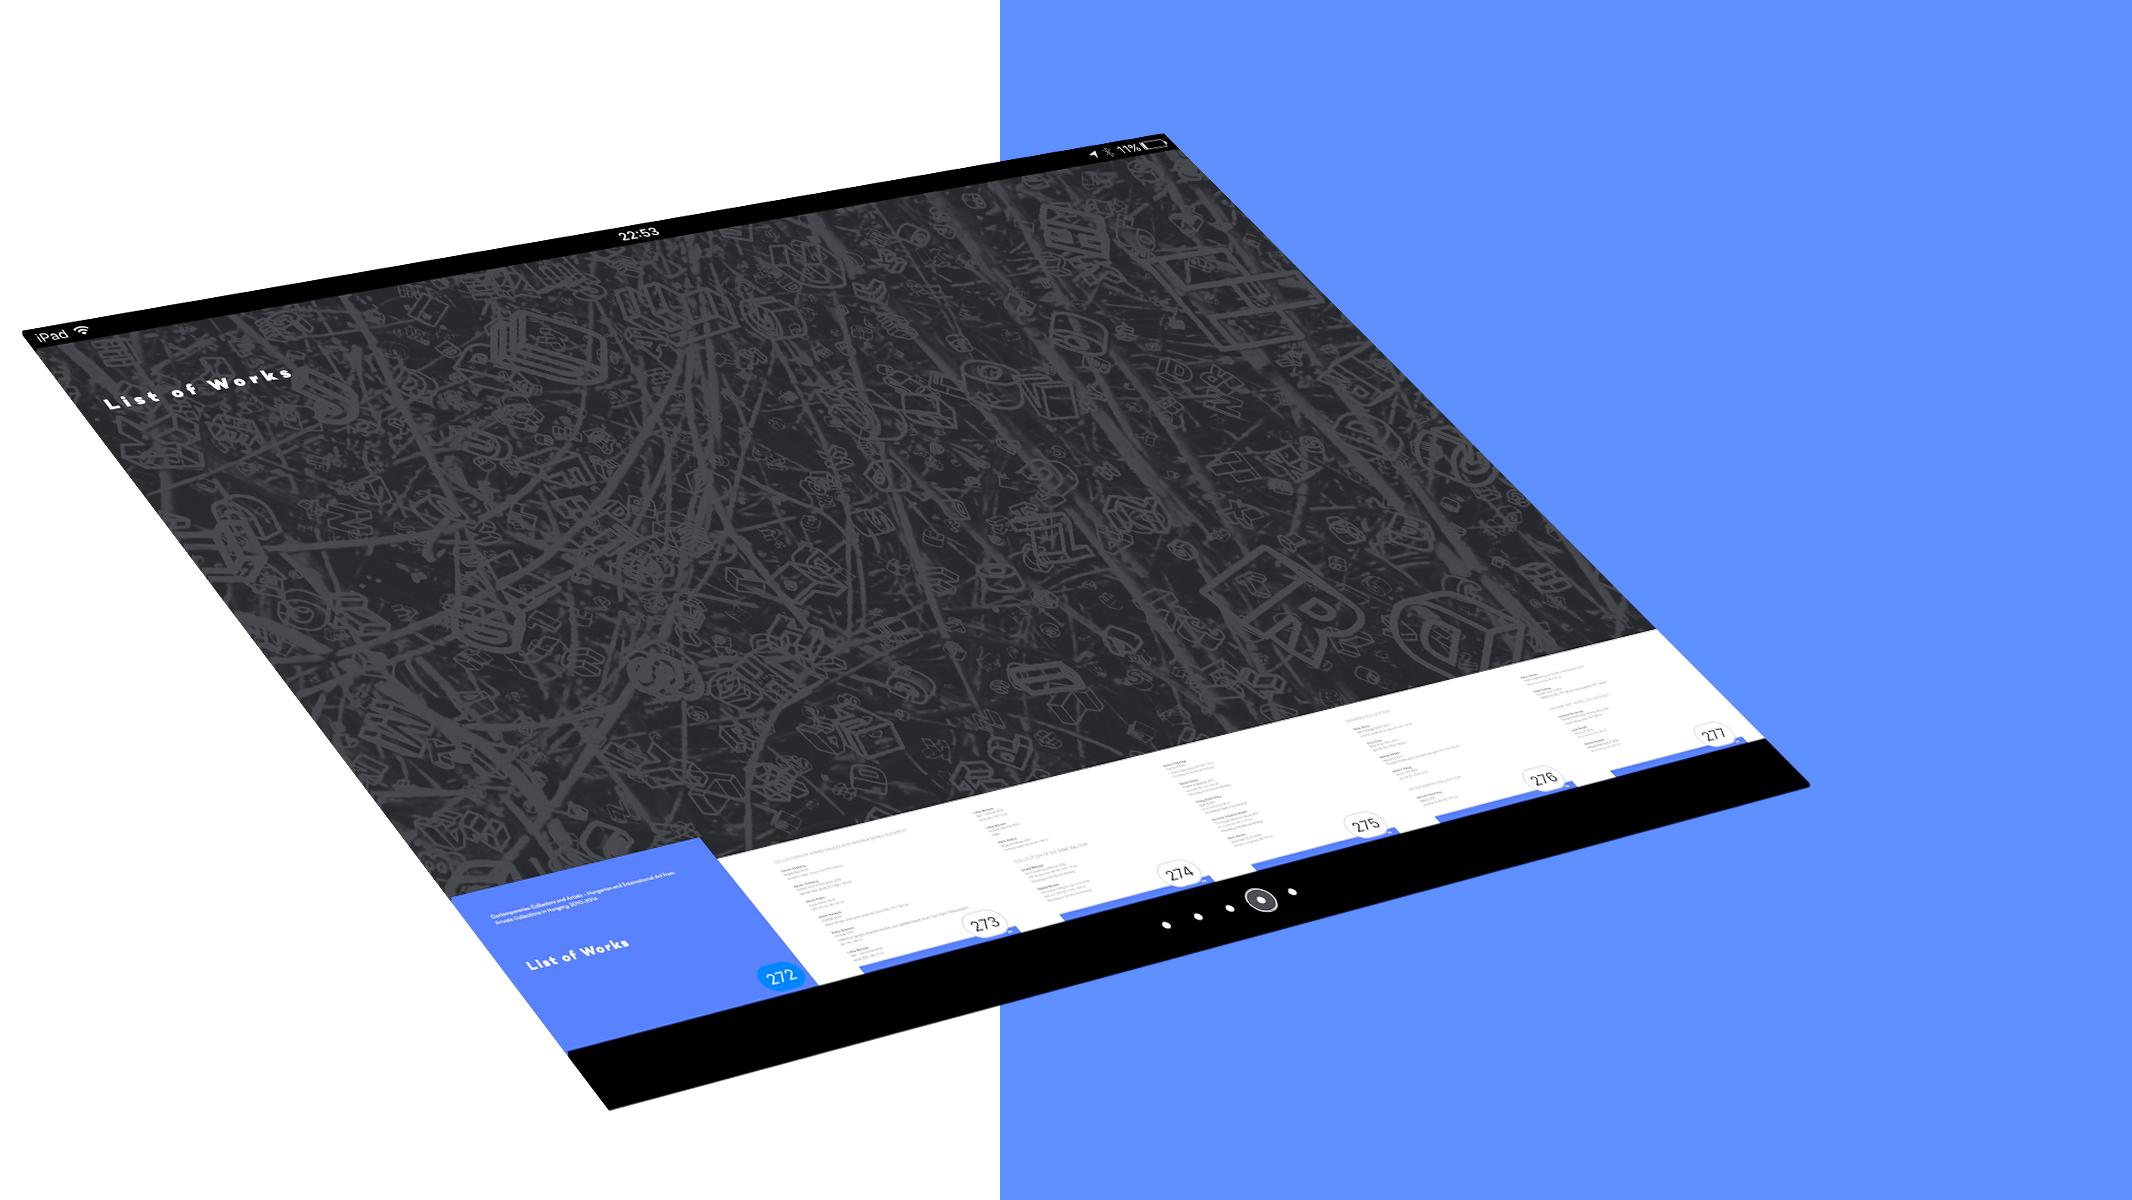 kortarsak-ibooks-15